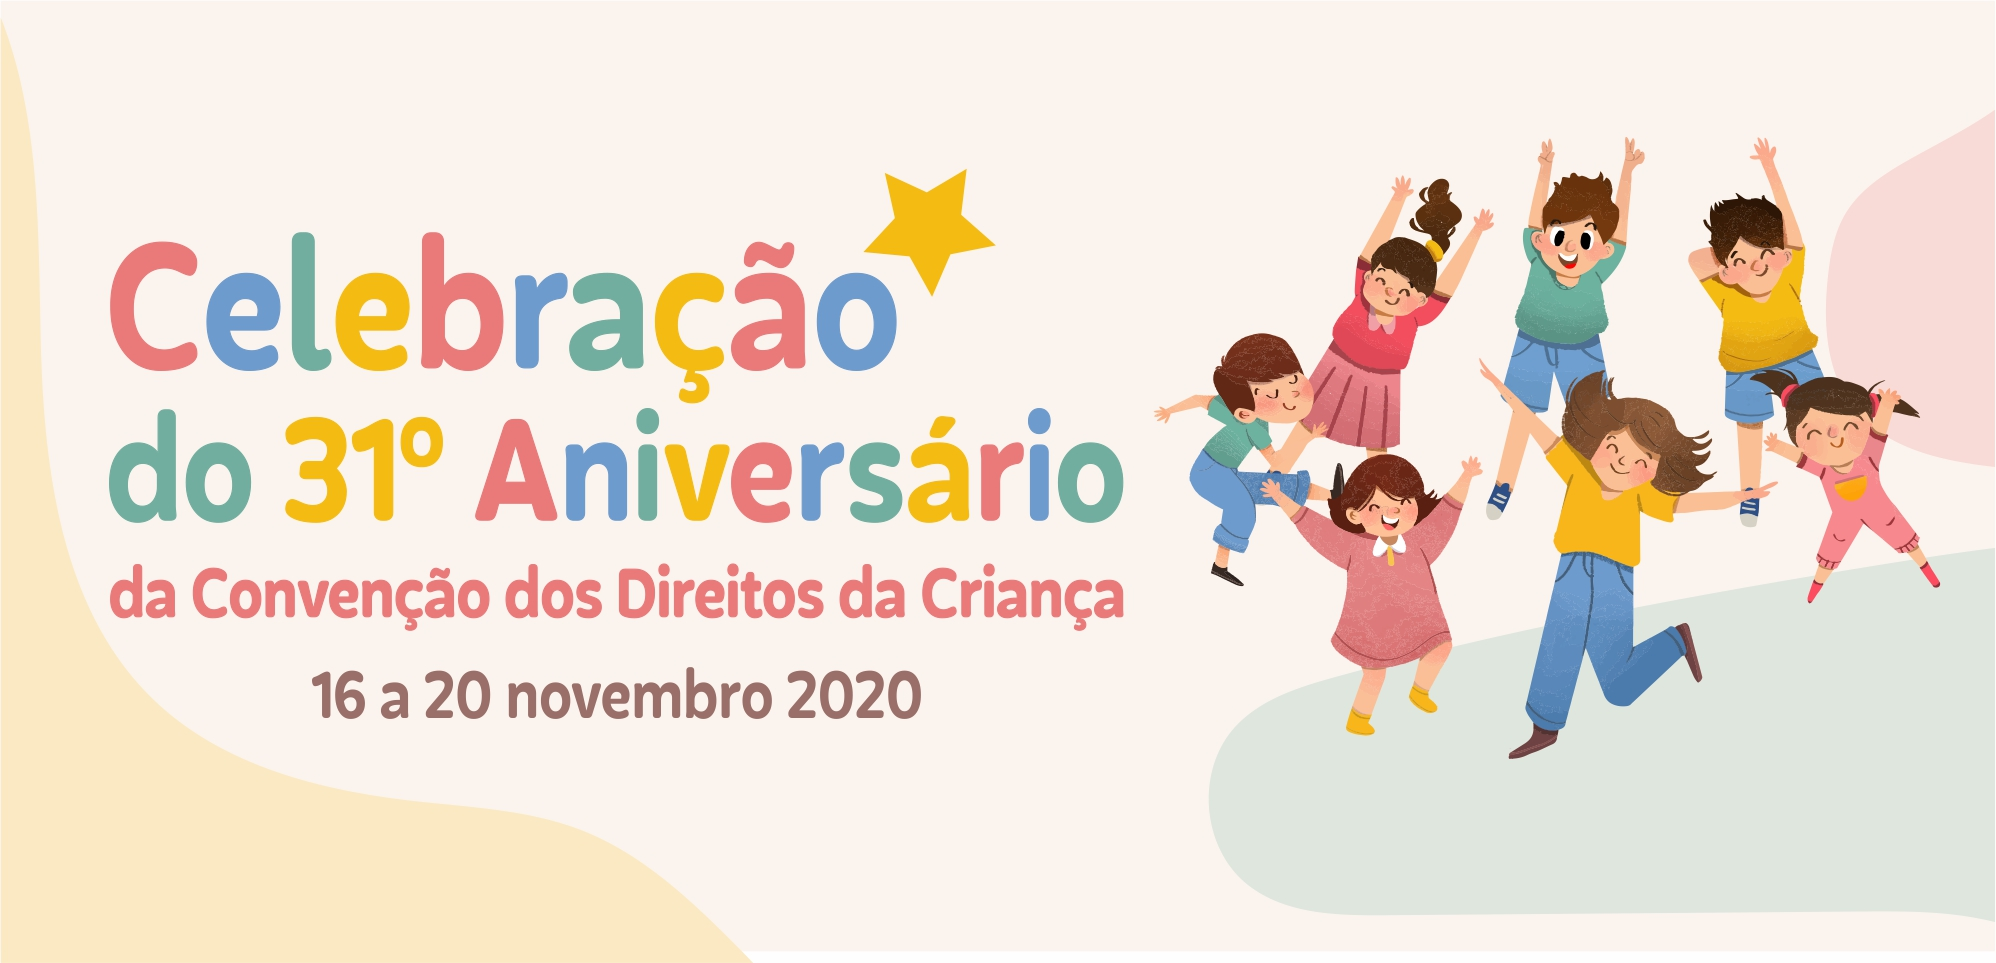 Celebração do 31º Aniversário da Convenção dos Direitos das Crianças